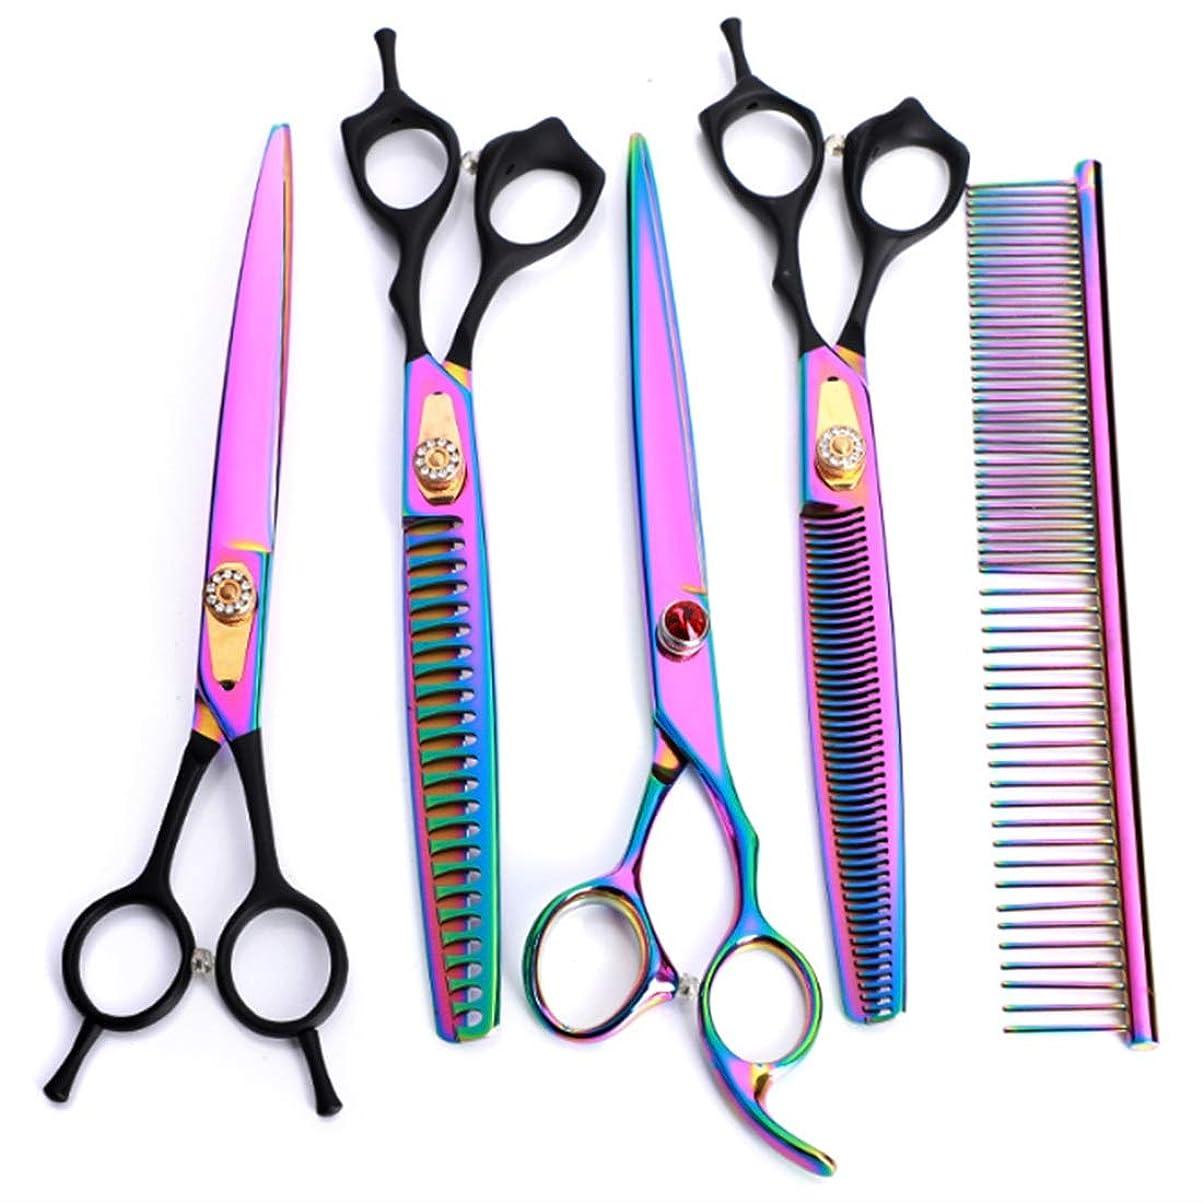 佐賀入手します文芸プロの理髪師の髪のはさみ/はさみ(8インチ) - プロの歯科用ハサミ/曲げのはさみは毛の切断をせん断します モデリングツール (色 : 色)